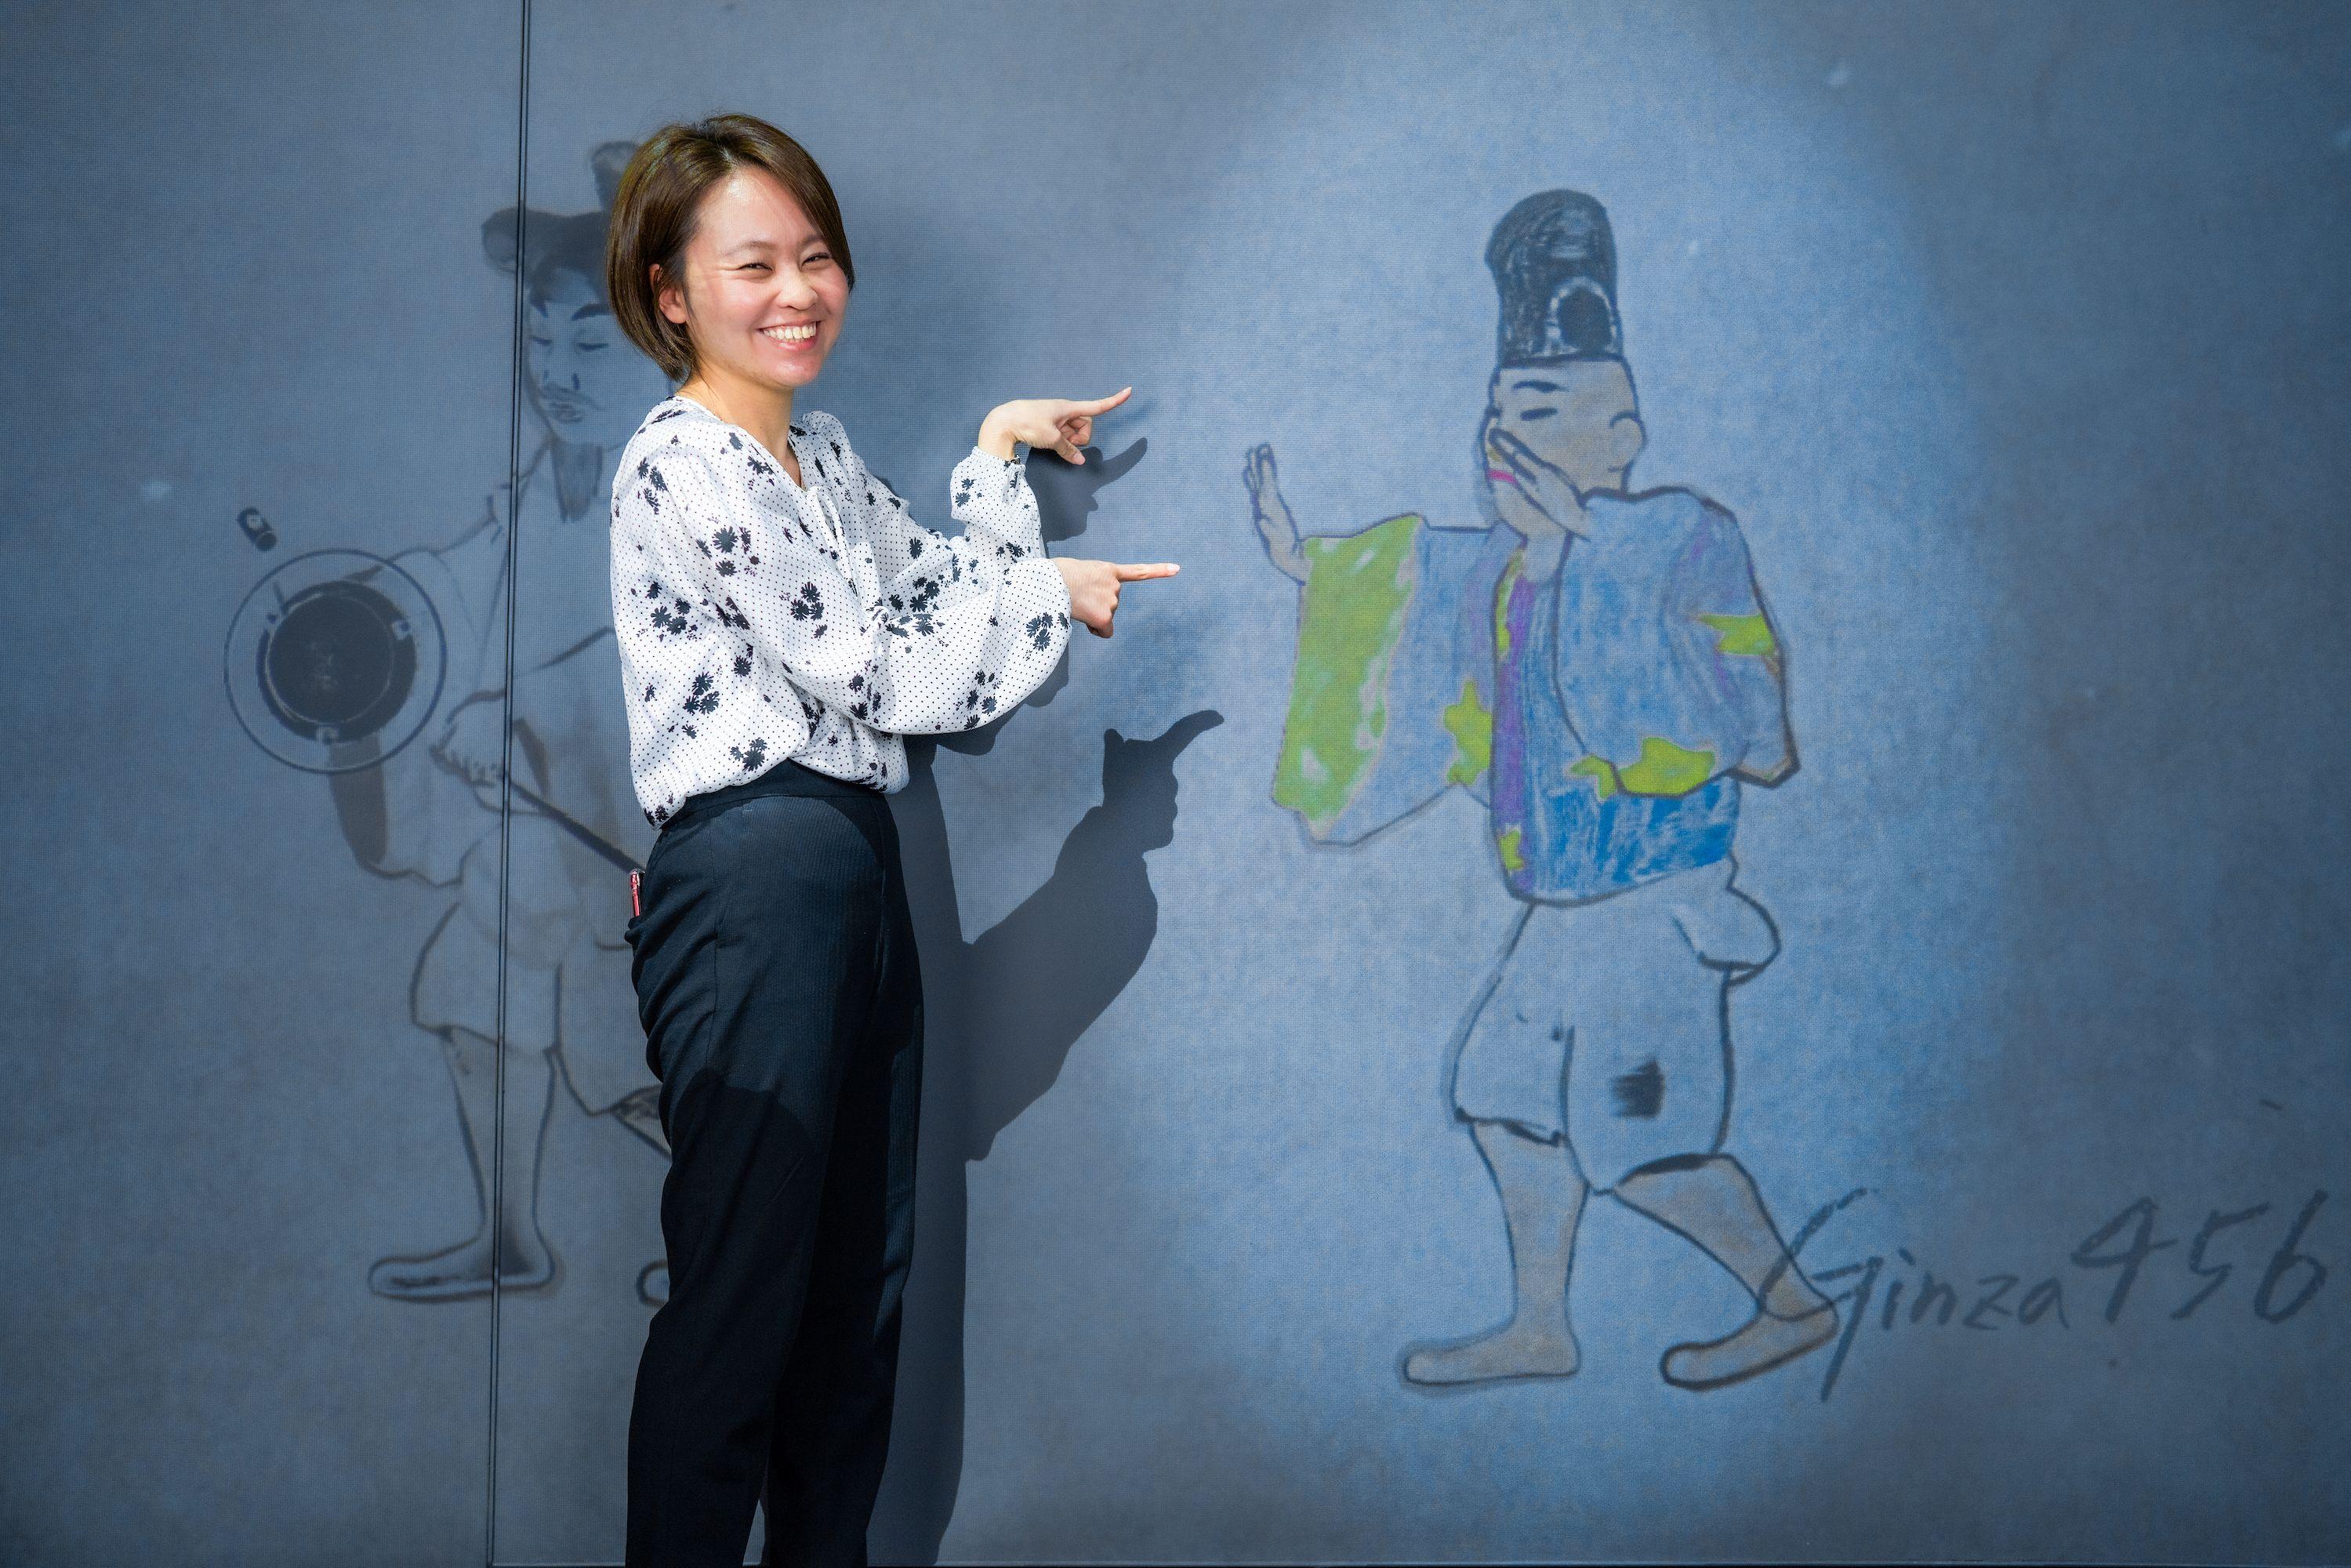 KDDIのコンセプトショップ GINZA 456 とチームラボとのコラボによる体験型イベント Walk, Walk, Walk Home で自分のぬり絵を見つけて喜ぶ女性